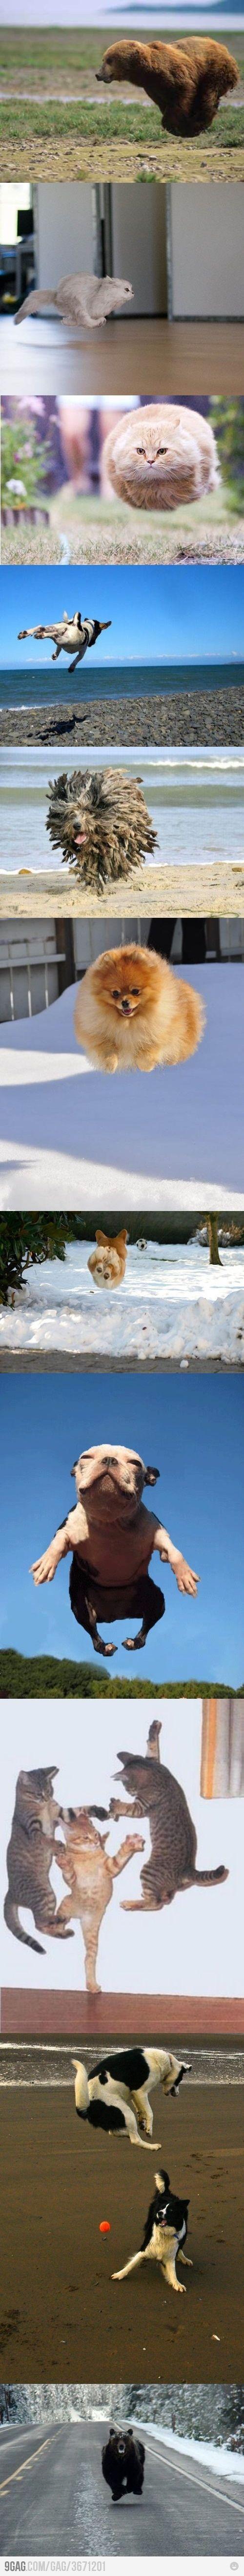 飛びます、飛びます